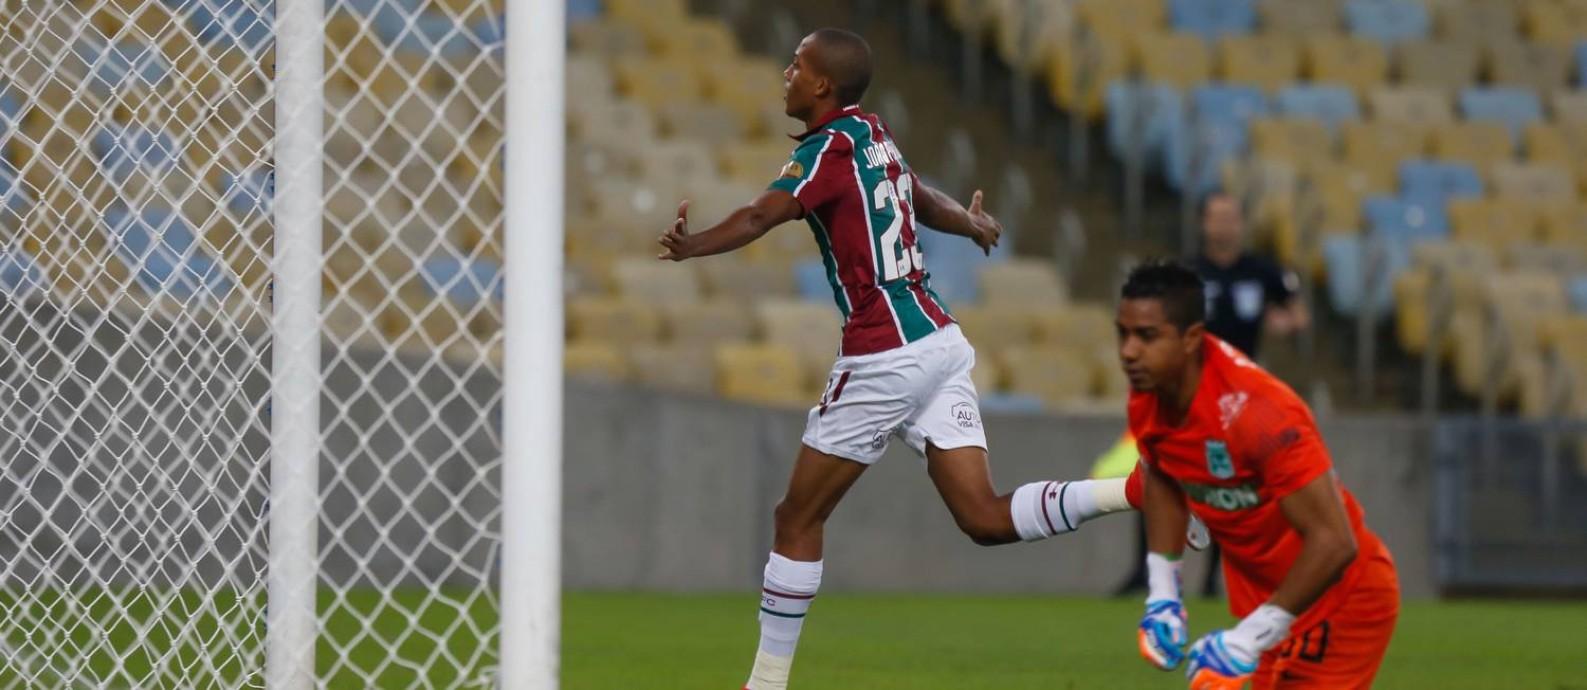 João Pedro corre para comemorar um dos gols do Fluminense Foto: MARCELO REGUA